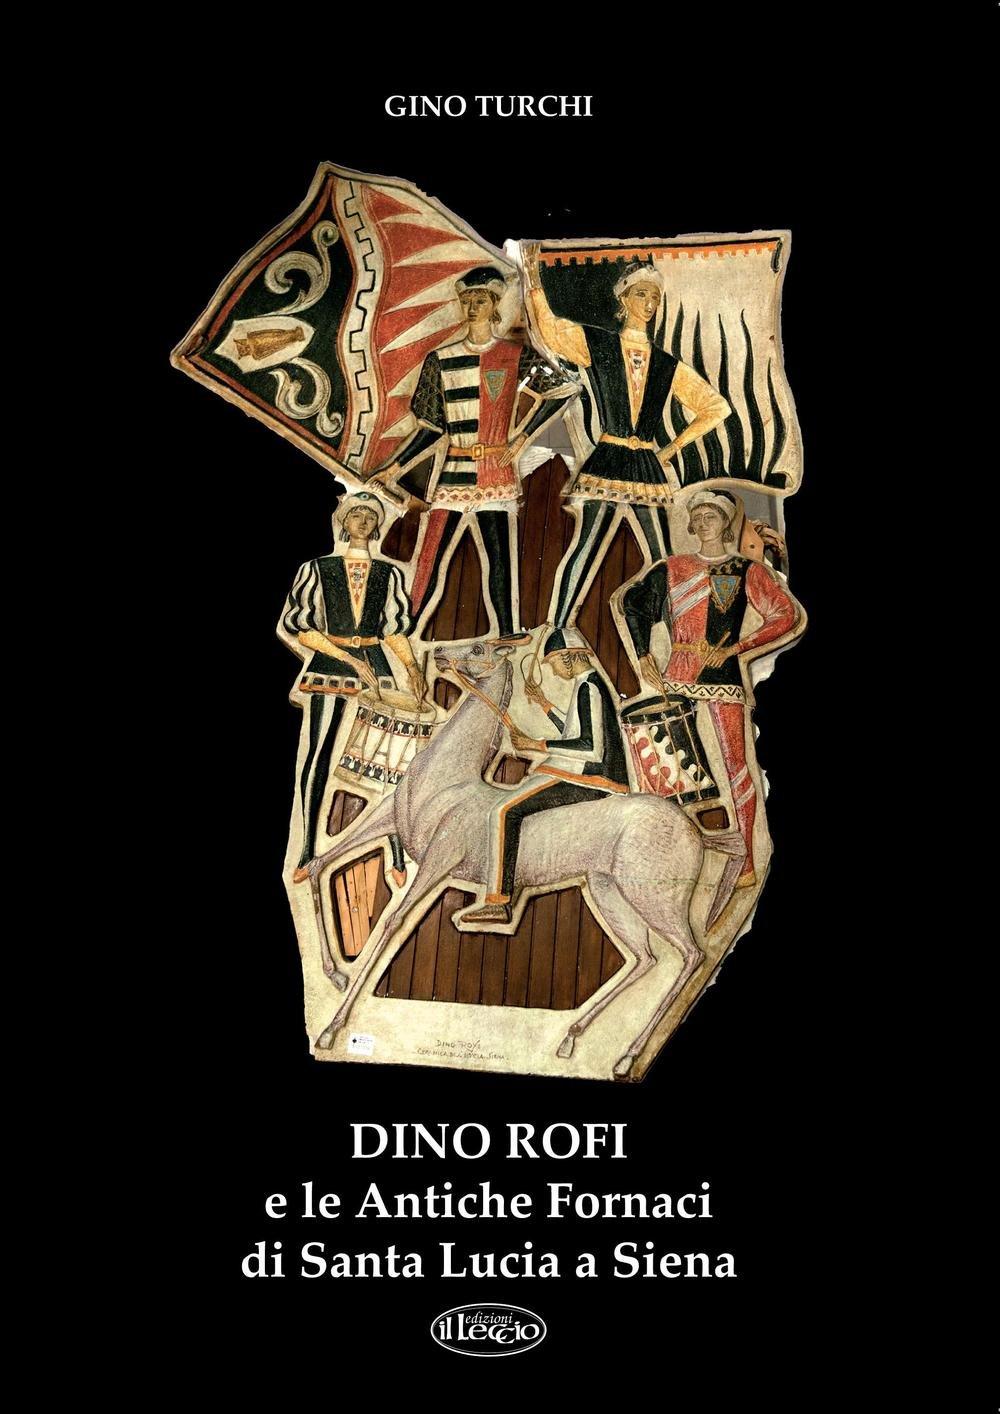 Dino Rofi e le Antiche Fornaci di Santa Lucia a Siena.